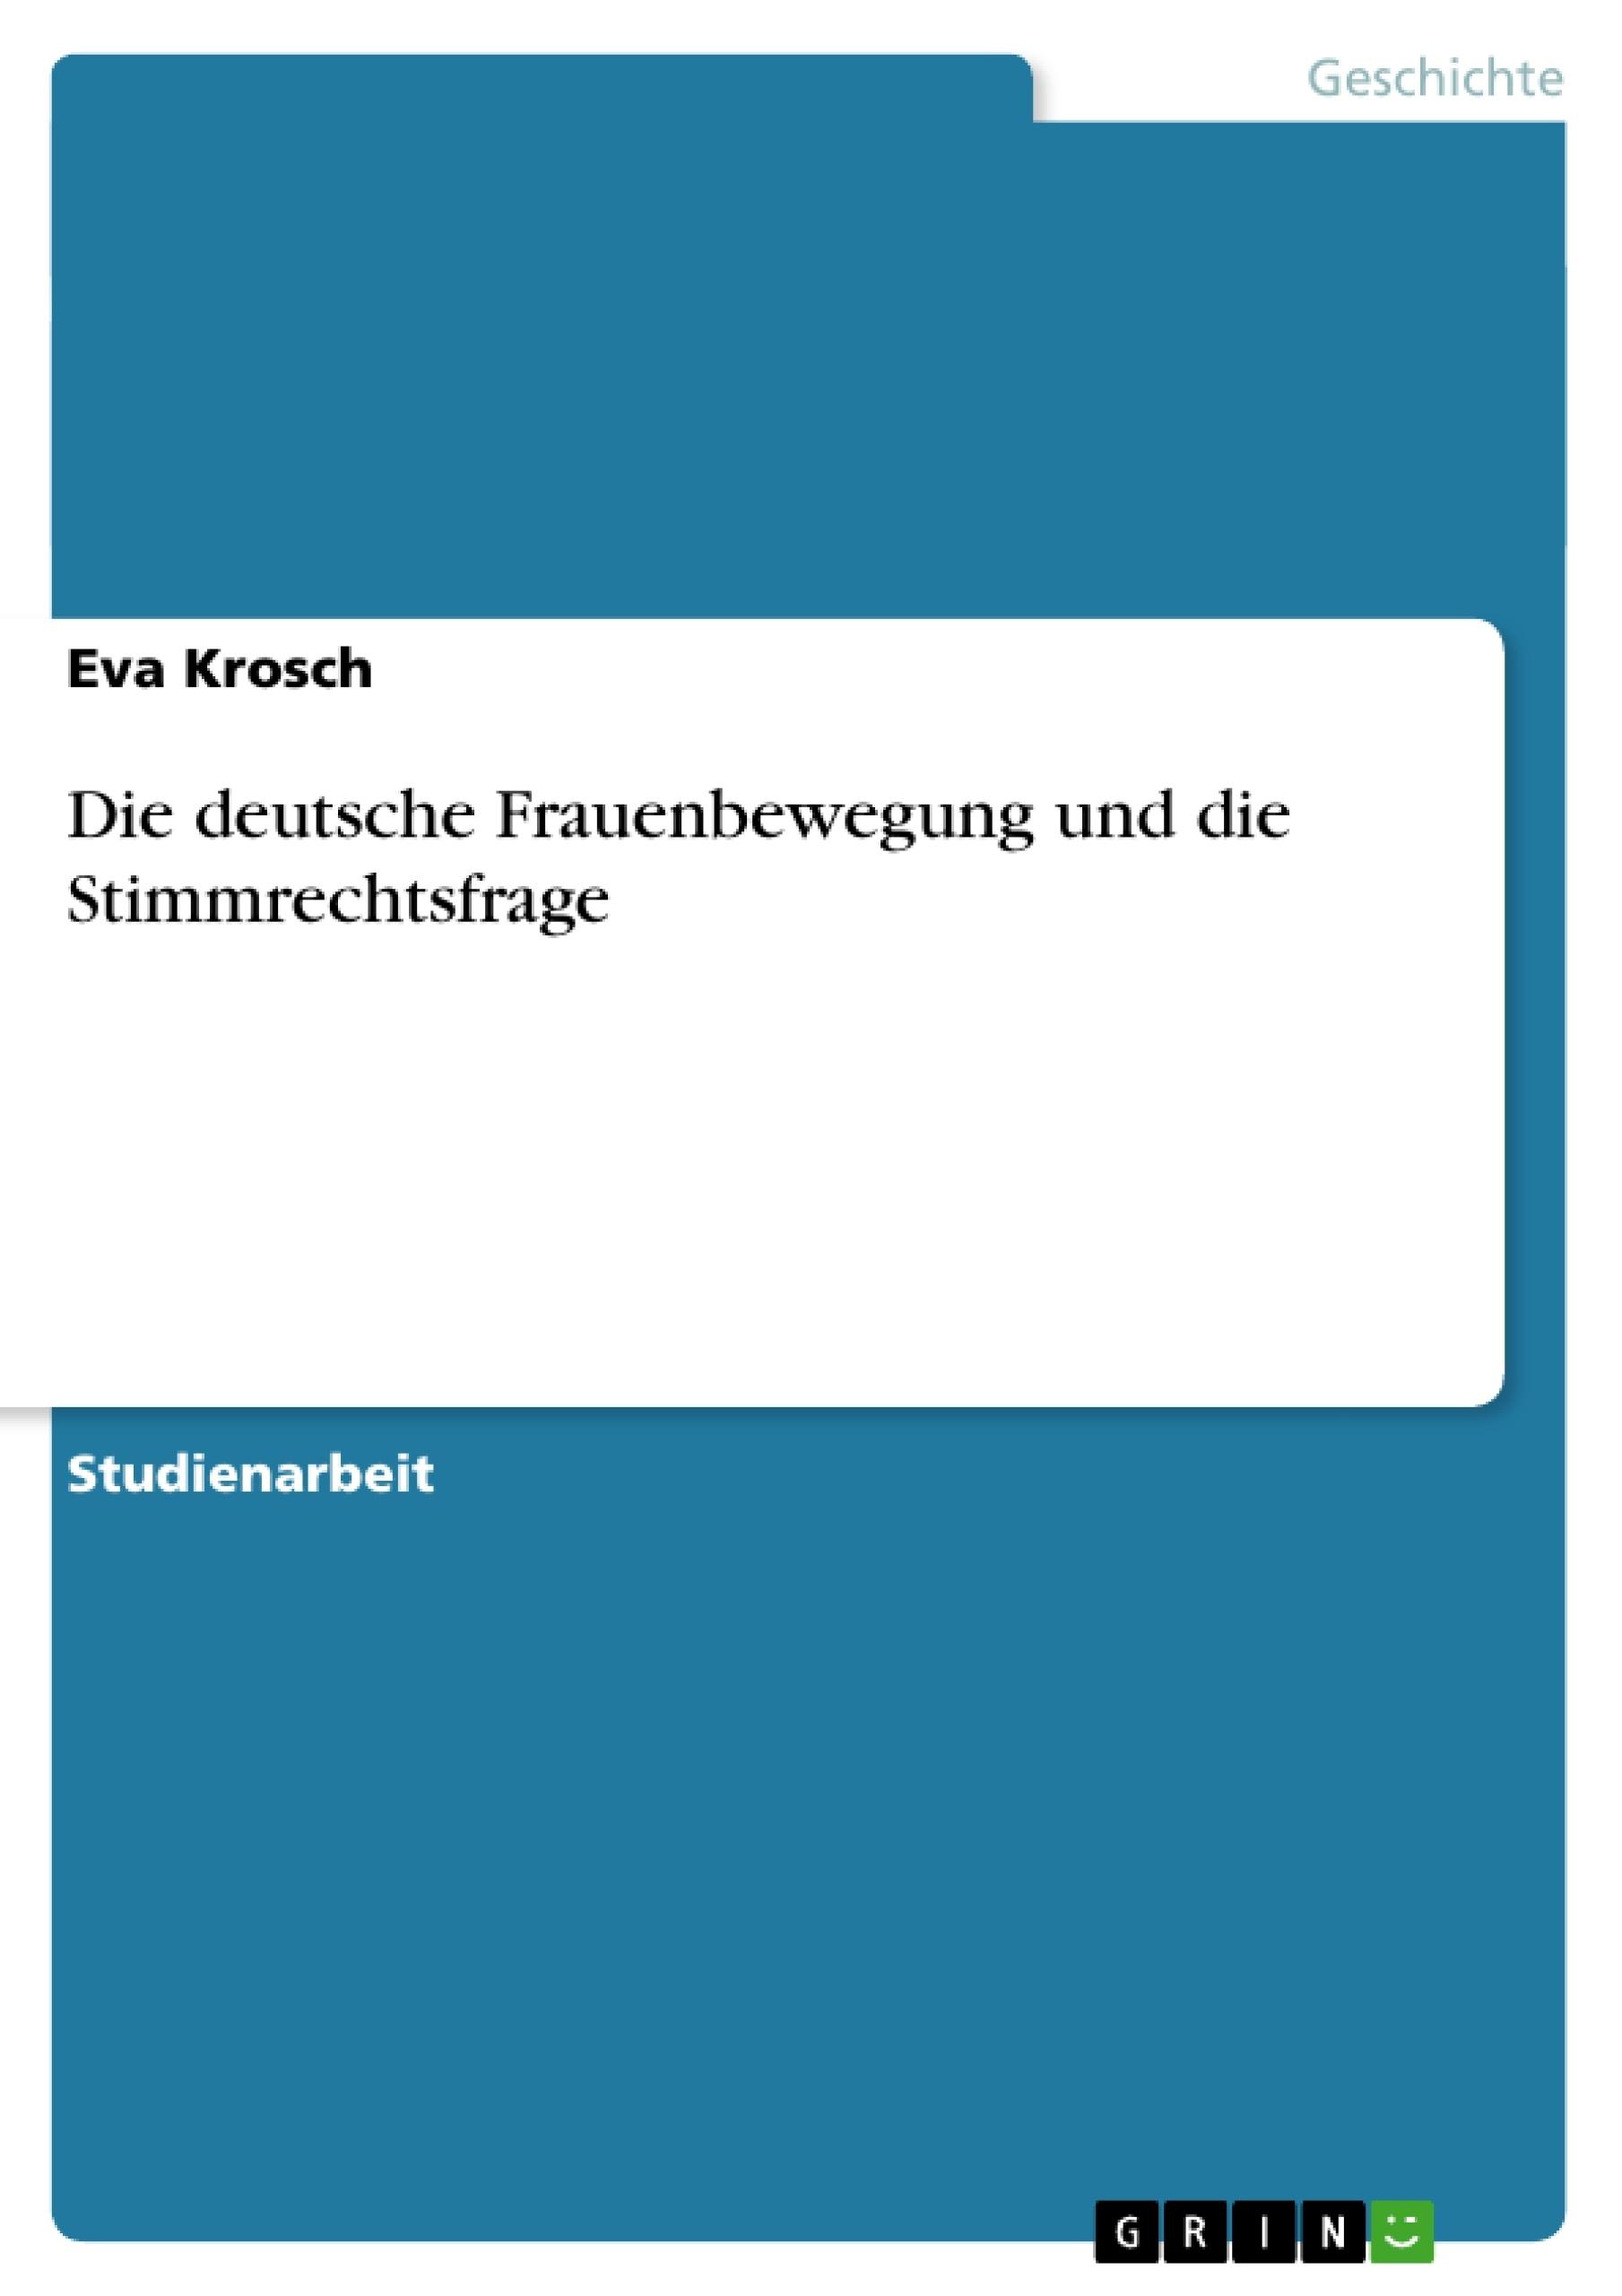 Titel: Die deutsche Frauenbewegung und die Stimmrechtsfrage